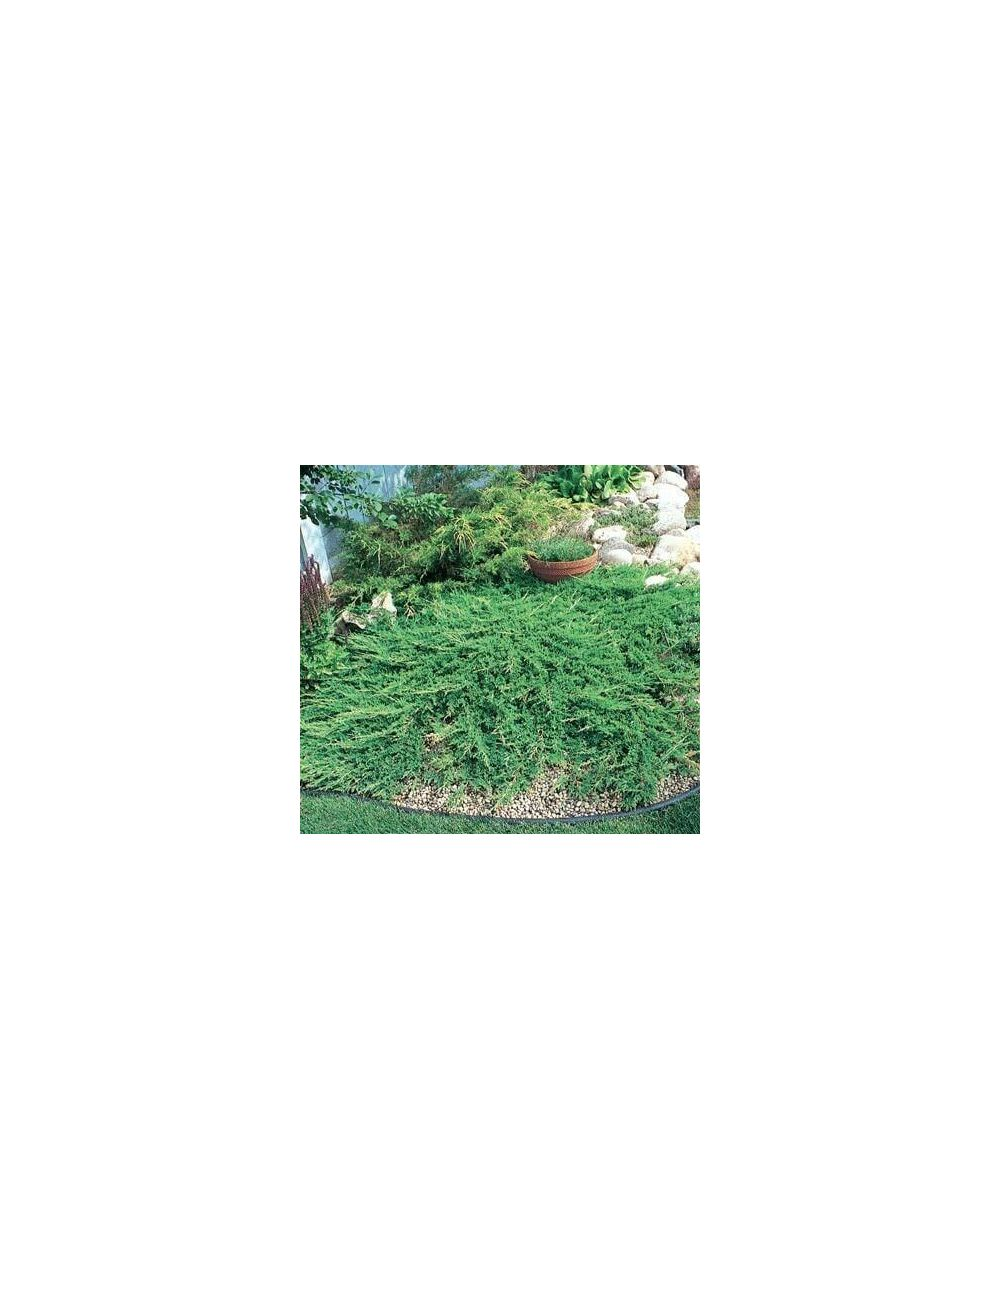 Ginepro principe di galles vendita piante on line for Vendita piante mirtillo on line